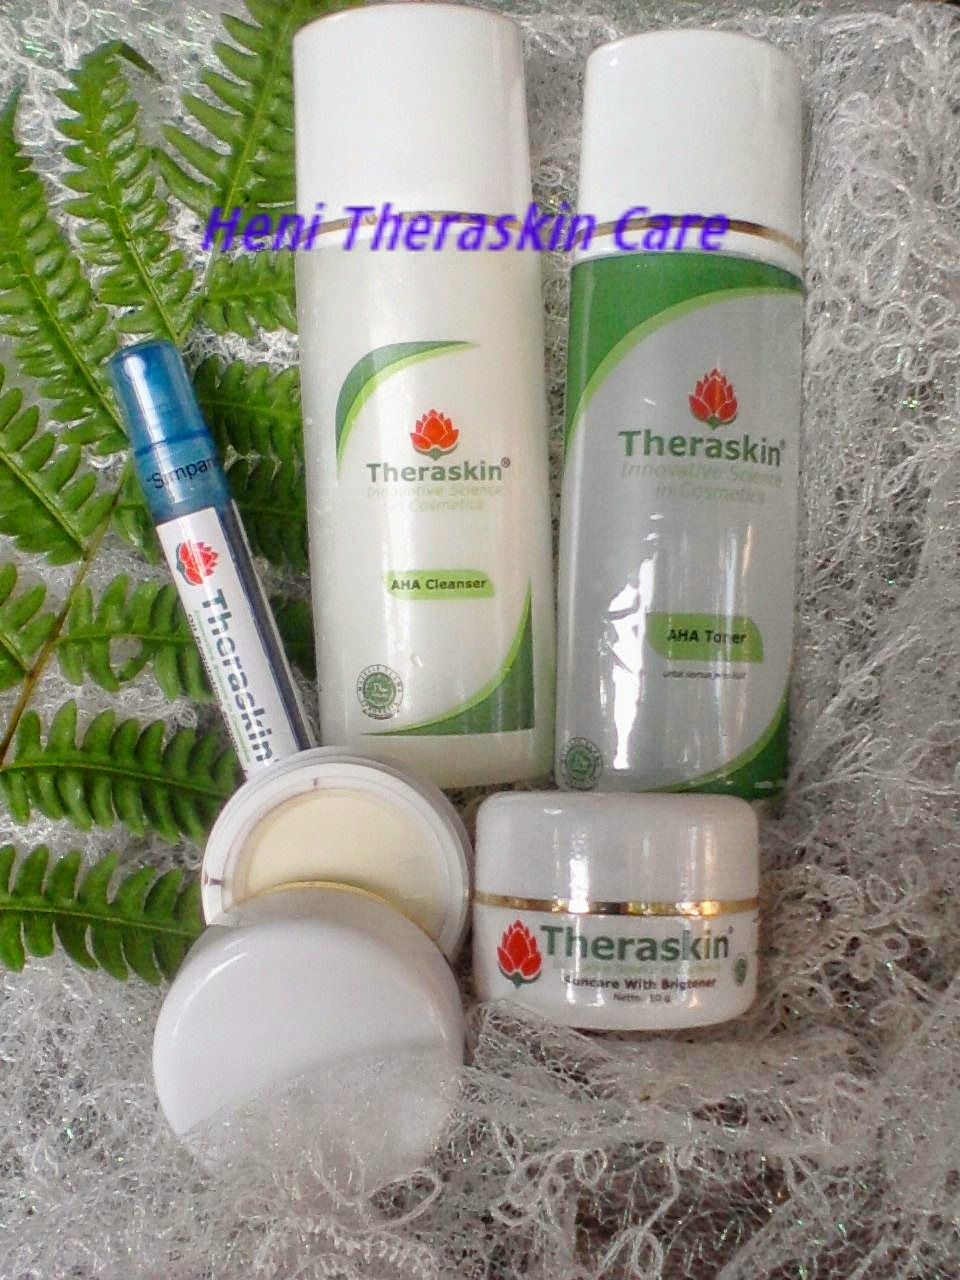 Heni Theraskin Care Aha Cleanser Order Via Sms 085742842555 Diposting Oleh